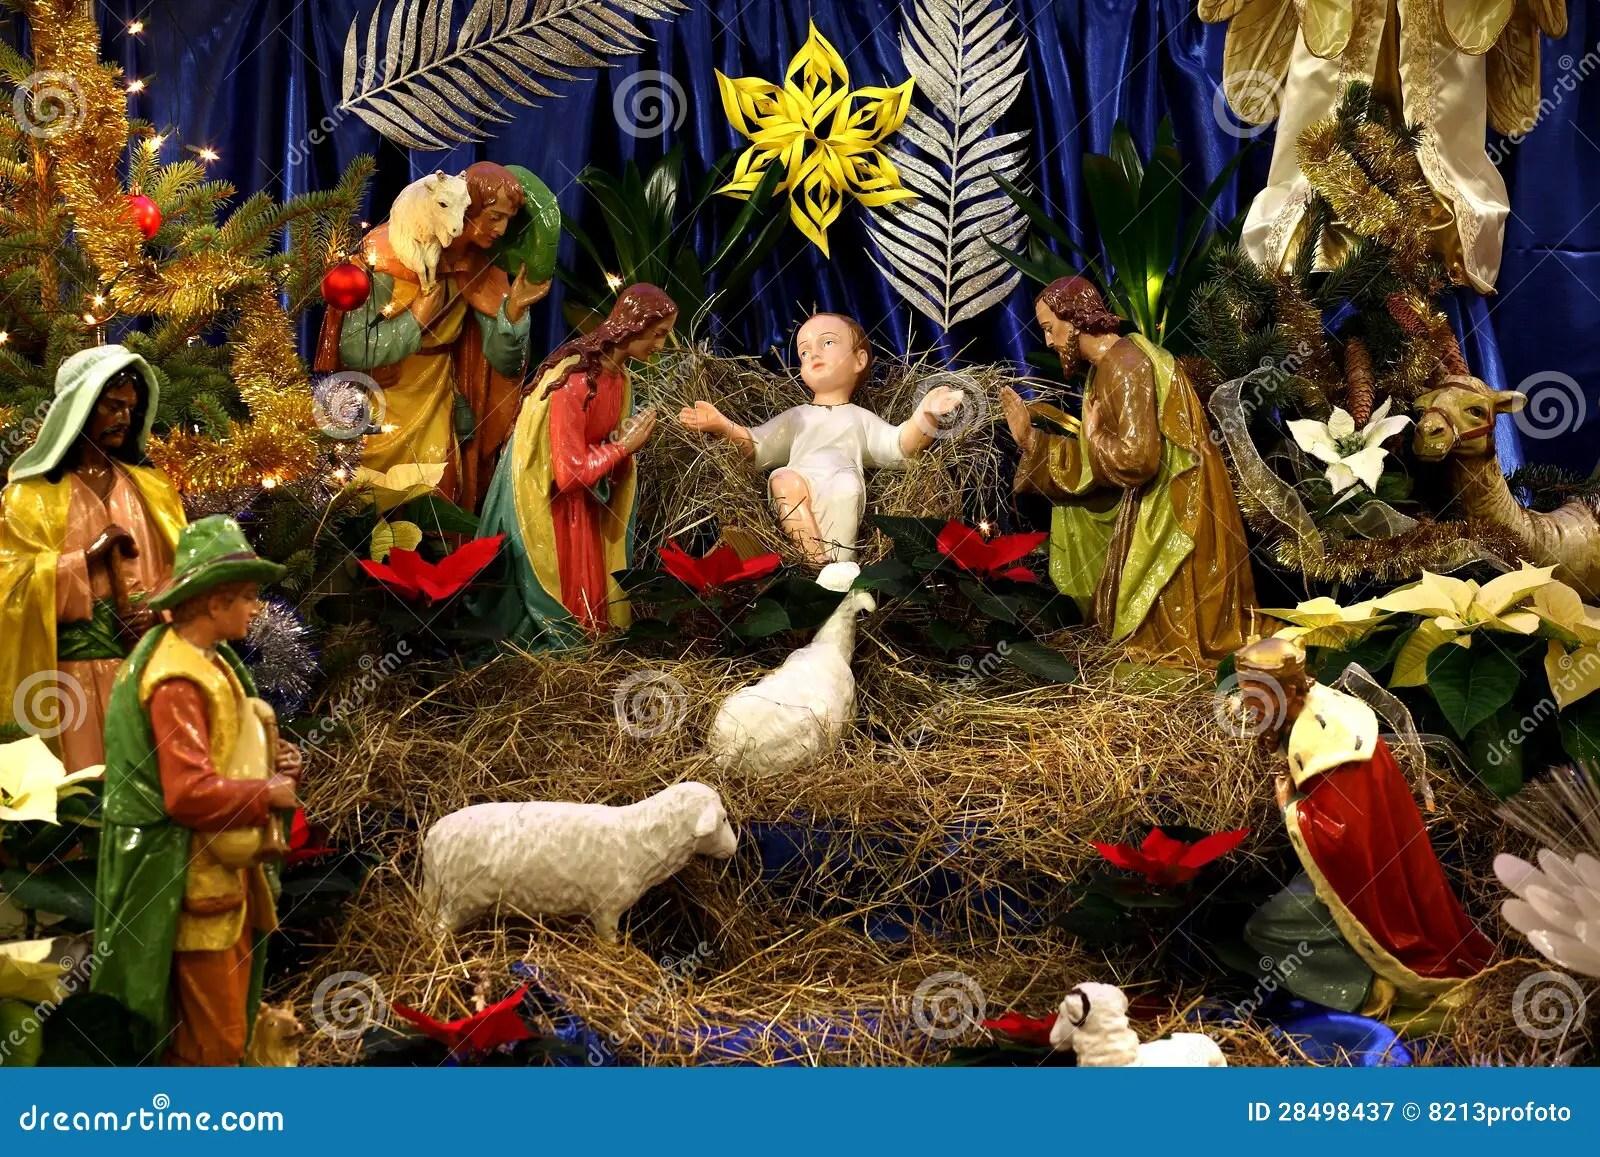 Christmas Crib Royalty Free Stock Photography Image